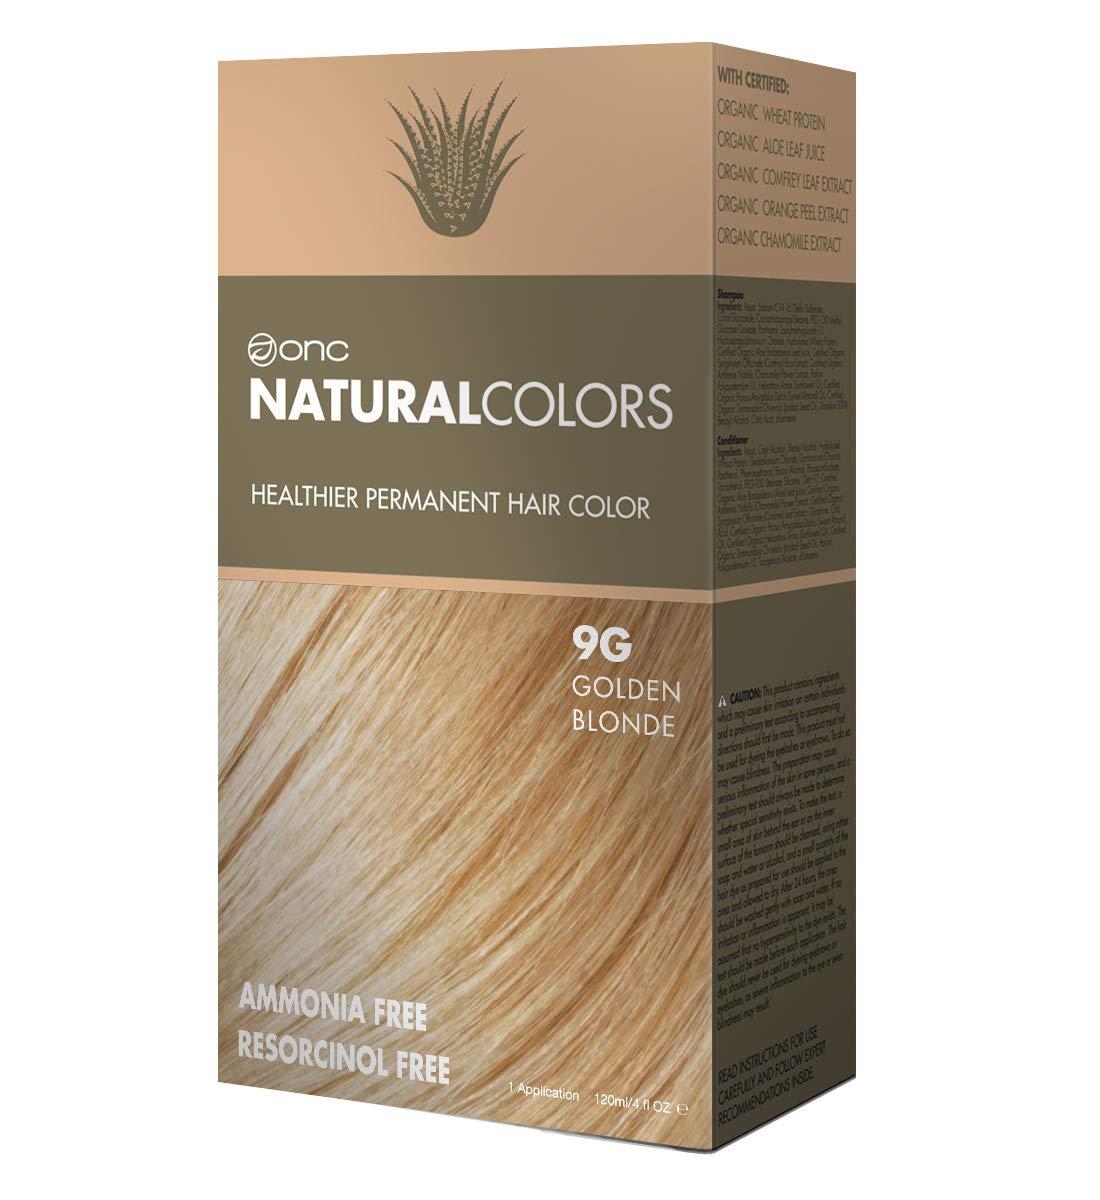 Amazon Onc Naturalcolors 8g Honey Blonde Healthier Permanent